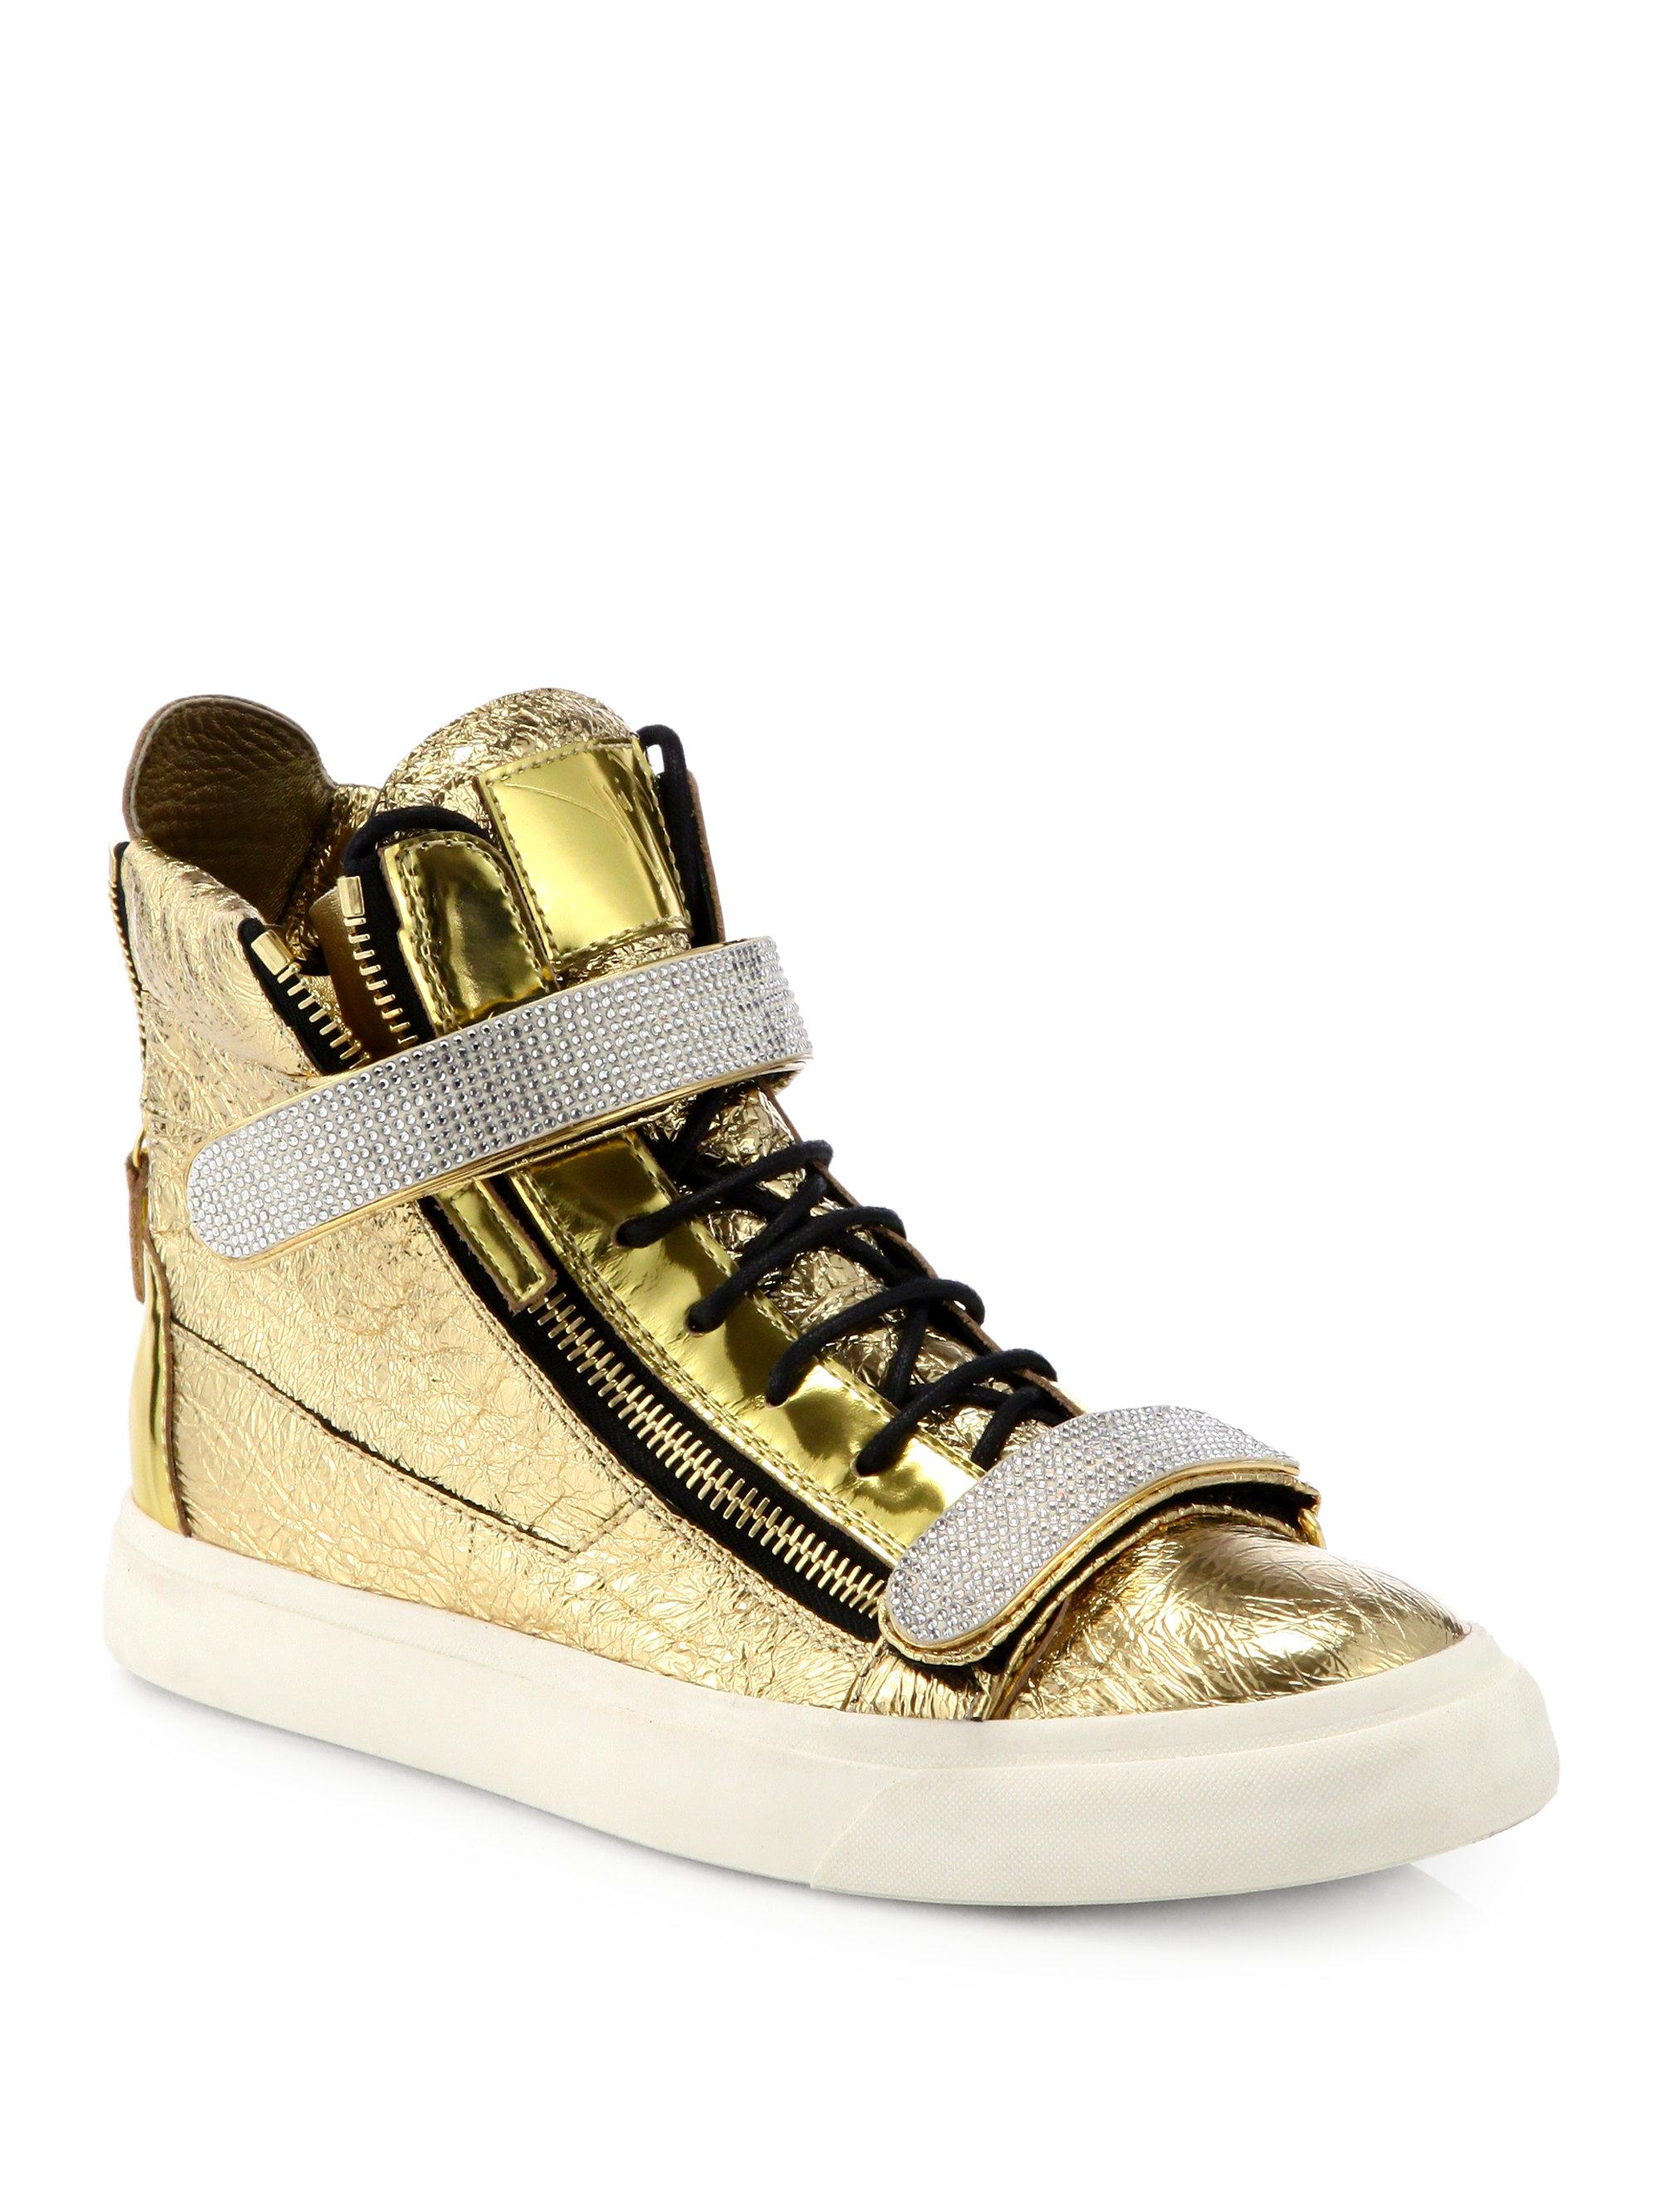 Rubber Rings For Men >> Lyst - Giuseppe Zanotti Foiled Leather Hightop Sneakers in Metallic for Men